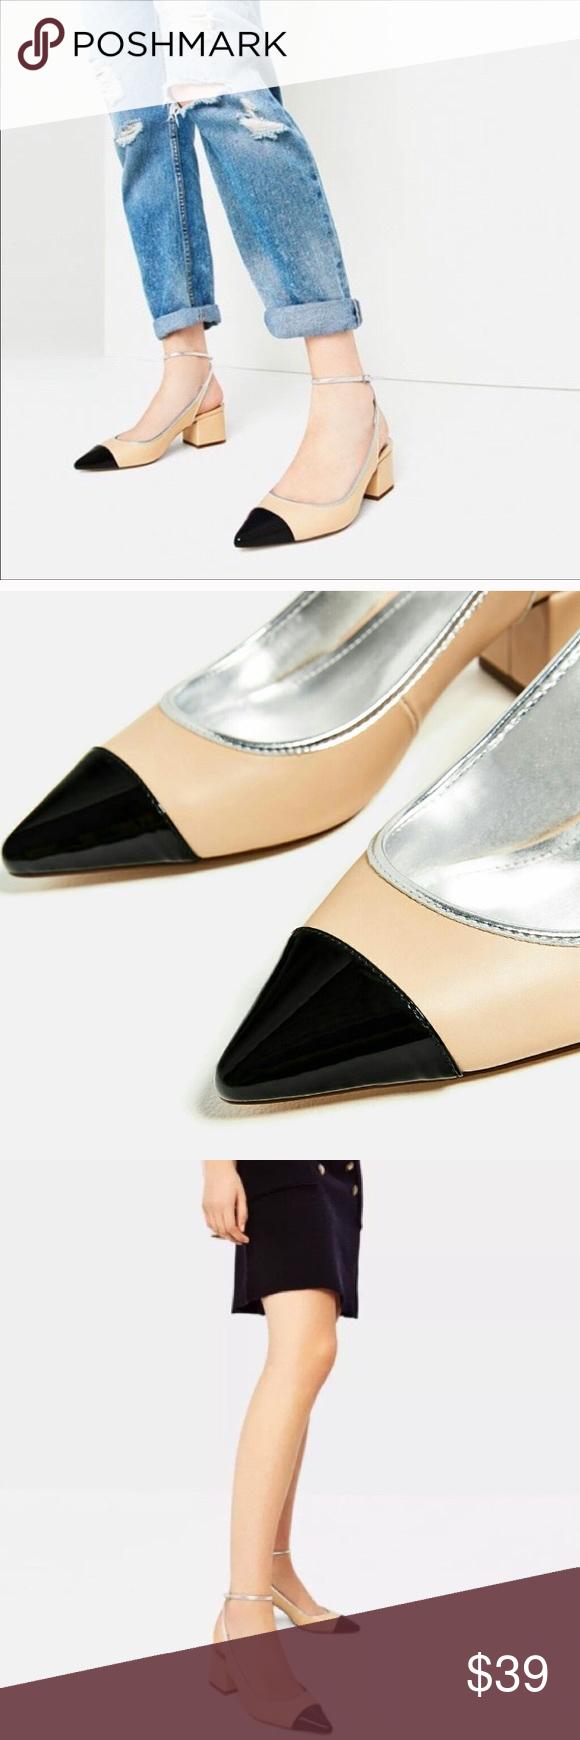 e78298986a ZARA contrast pointed toe chunky heels size 10 Brand new with tags, ZARA  contrast pointed toe chunky heels, size US 10 (41). Creamy camel body with  black ...